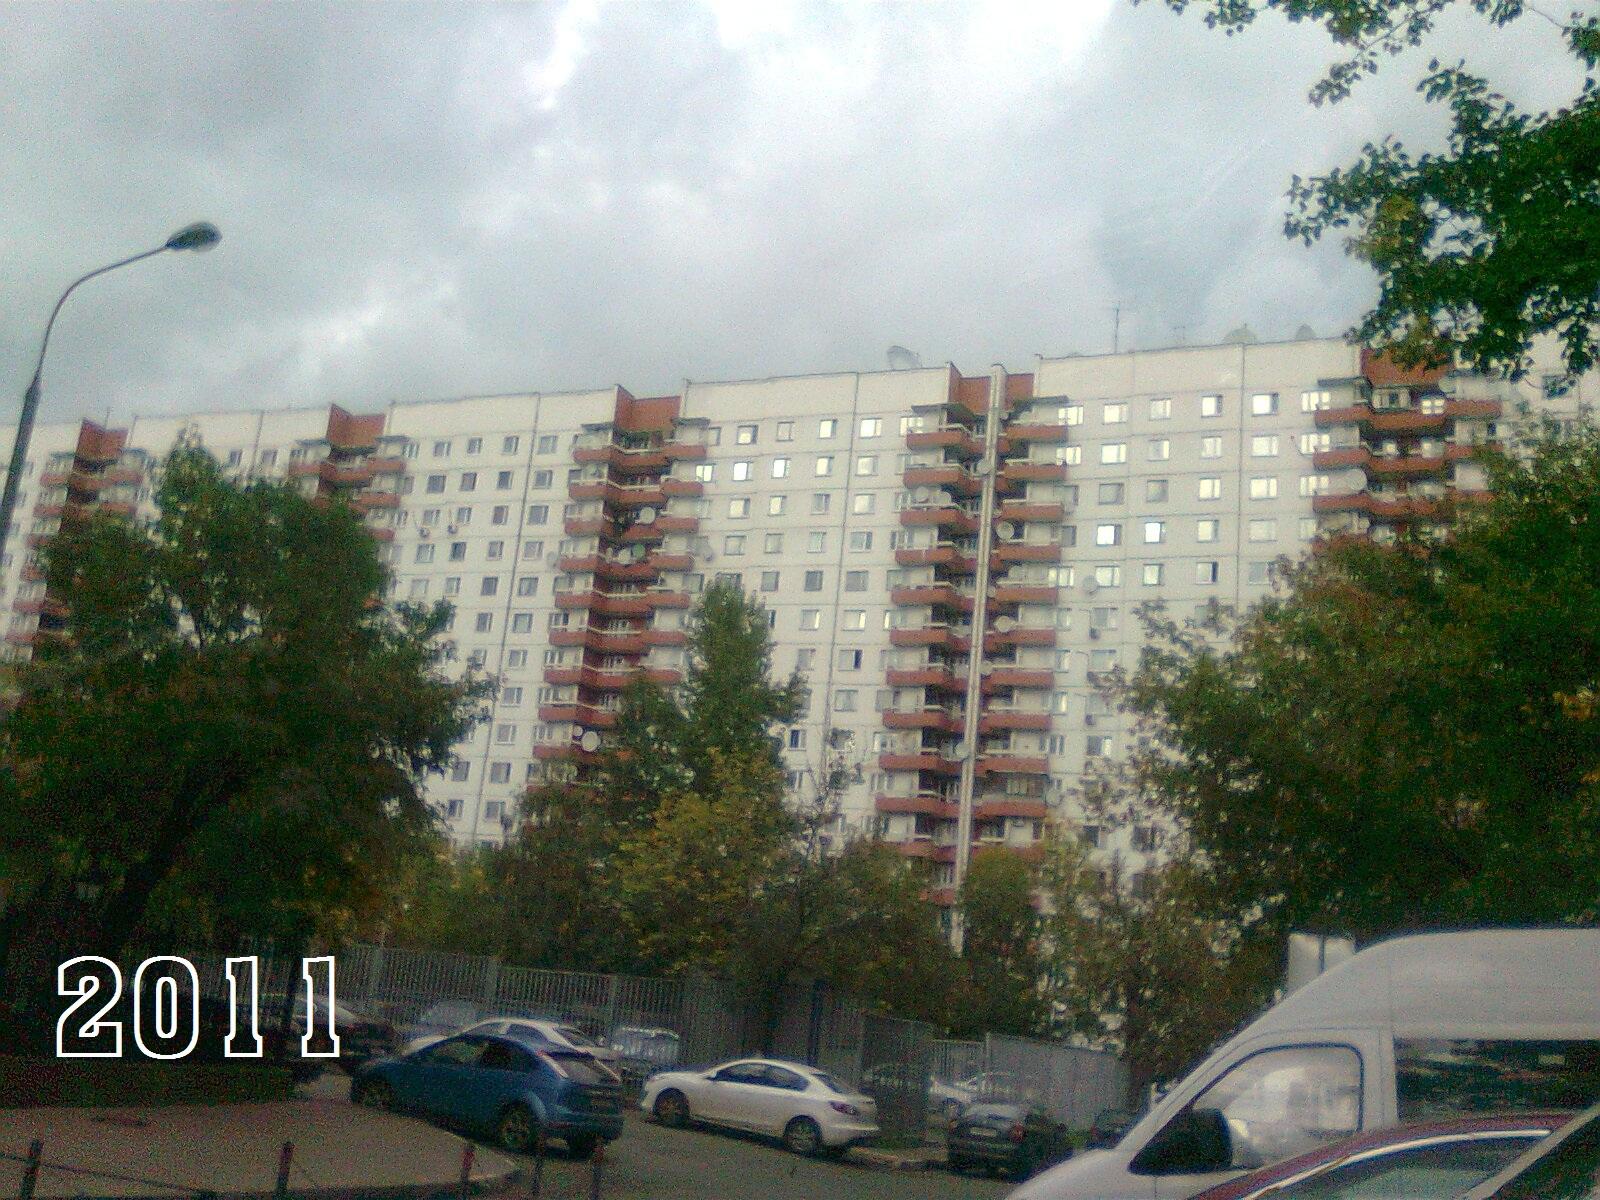 Дмитрия ульянова 16 корпус 2 москва